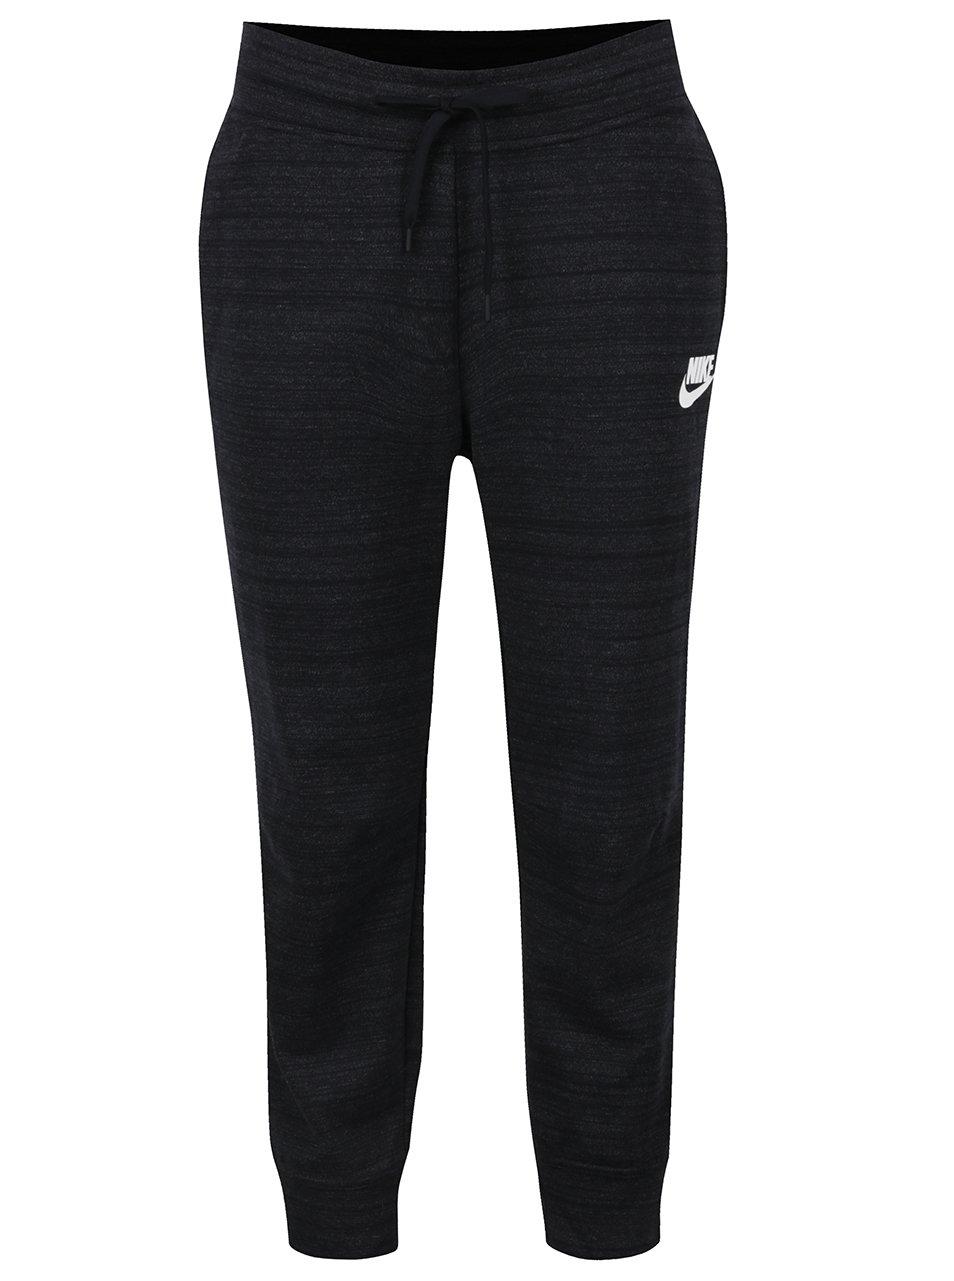 Černé dámské žíhané tepláky Nike Sportswear Advance 15